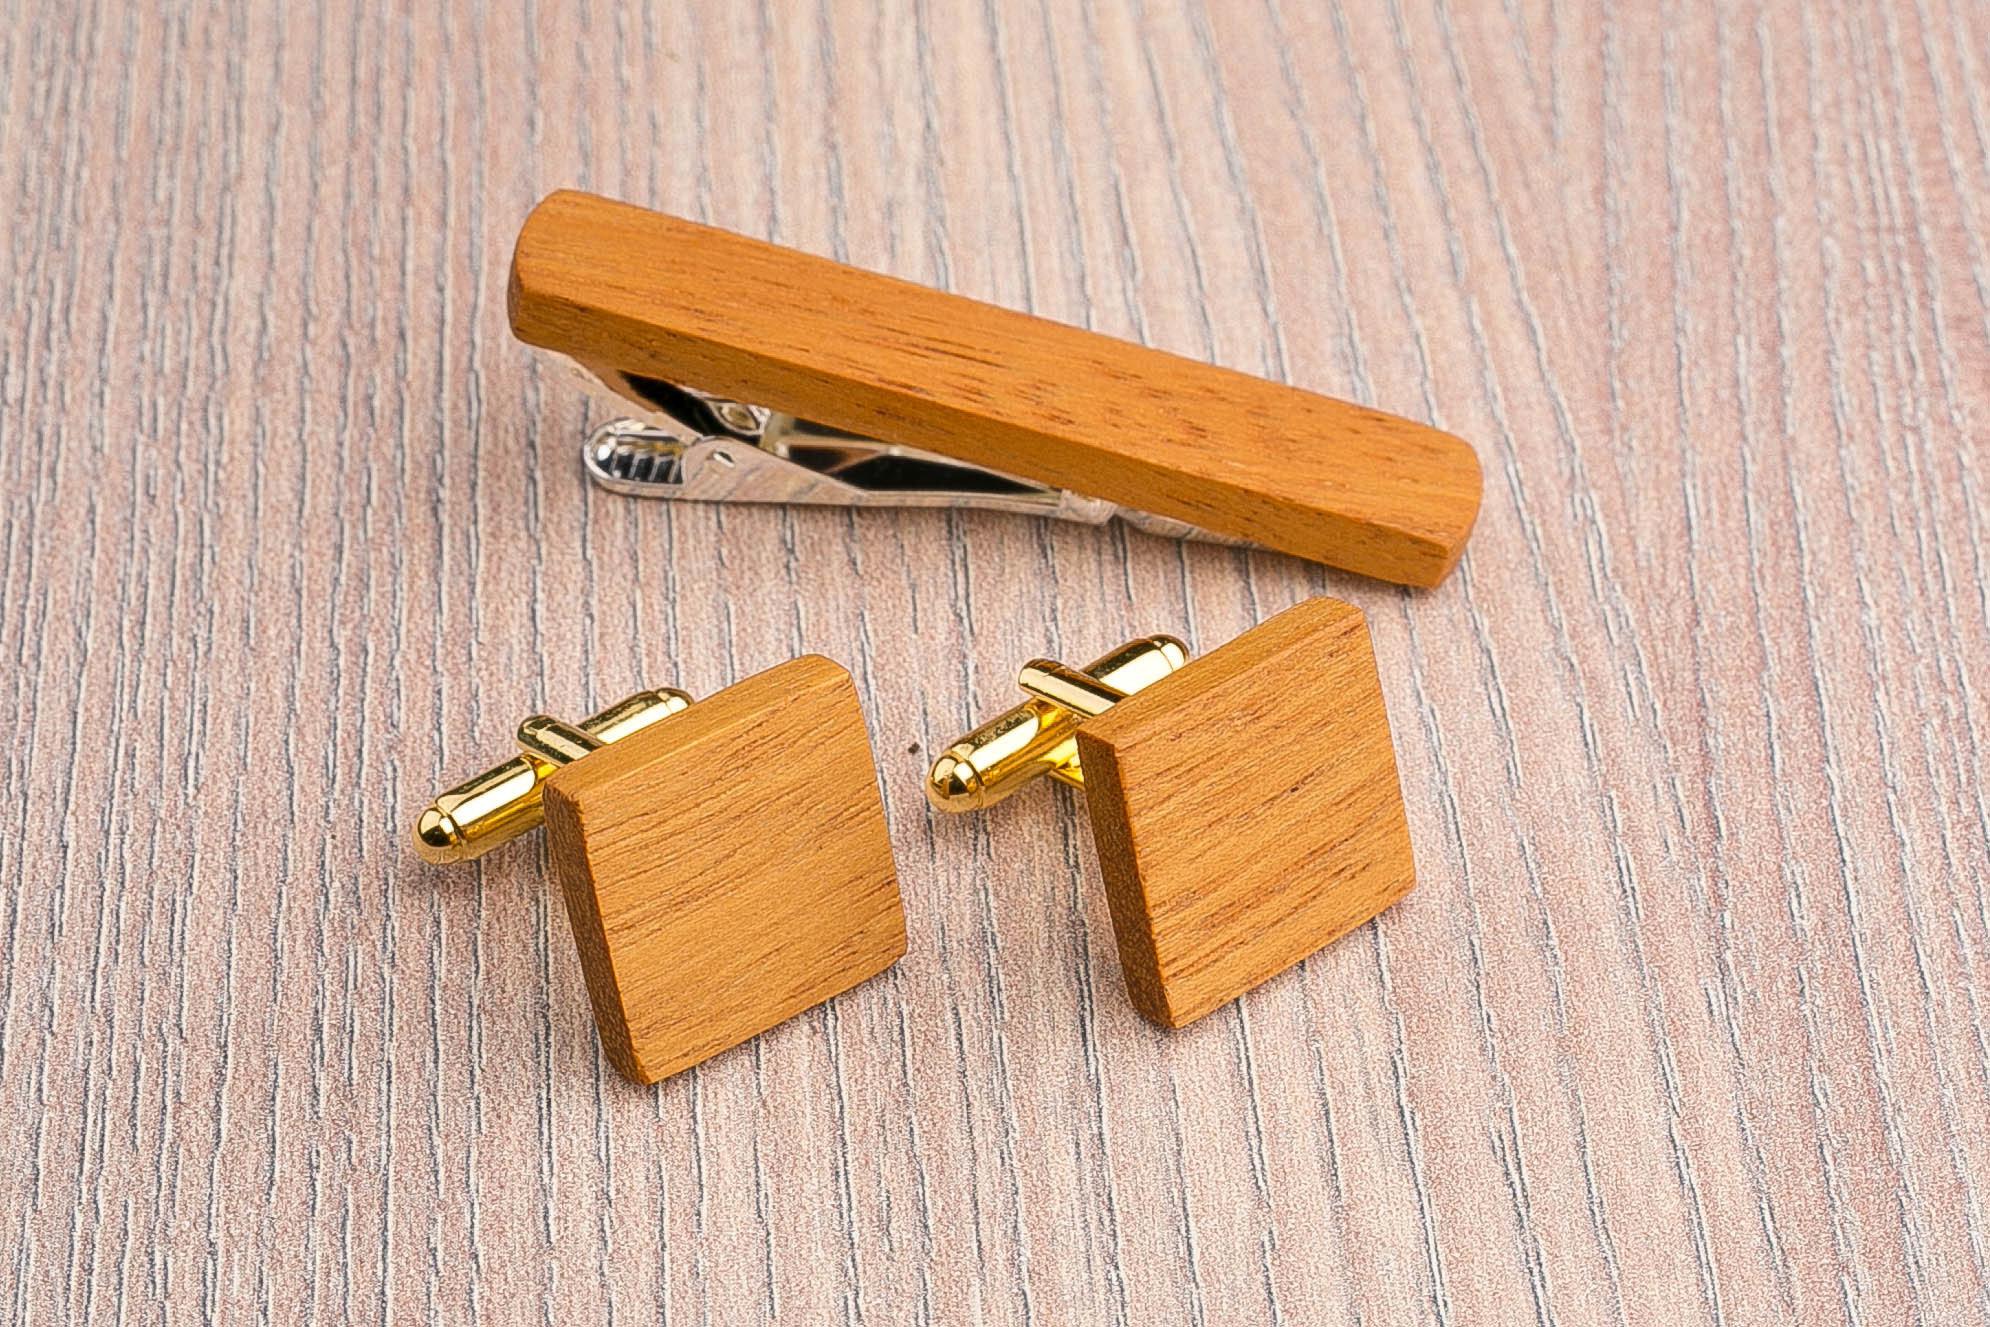 Комплект: Квадратные запонки из дерева и Деревянный зажим для галстука. Массив кусии. Гравировка инициалов. Упаковка в комплекте